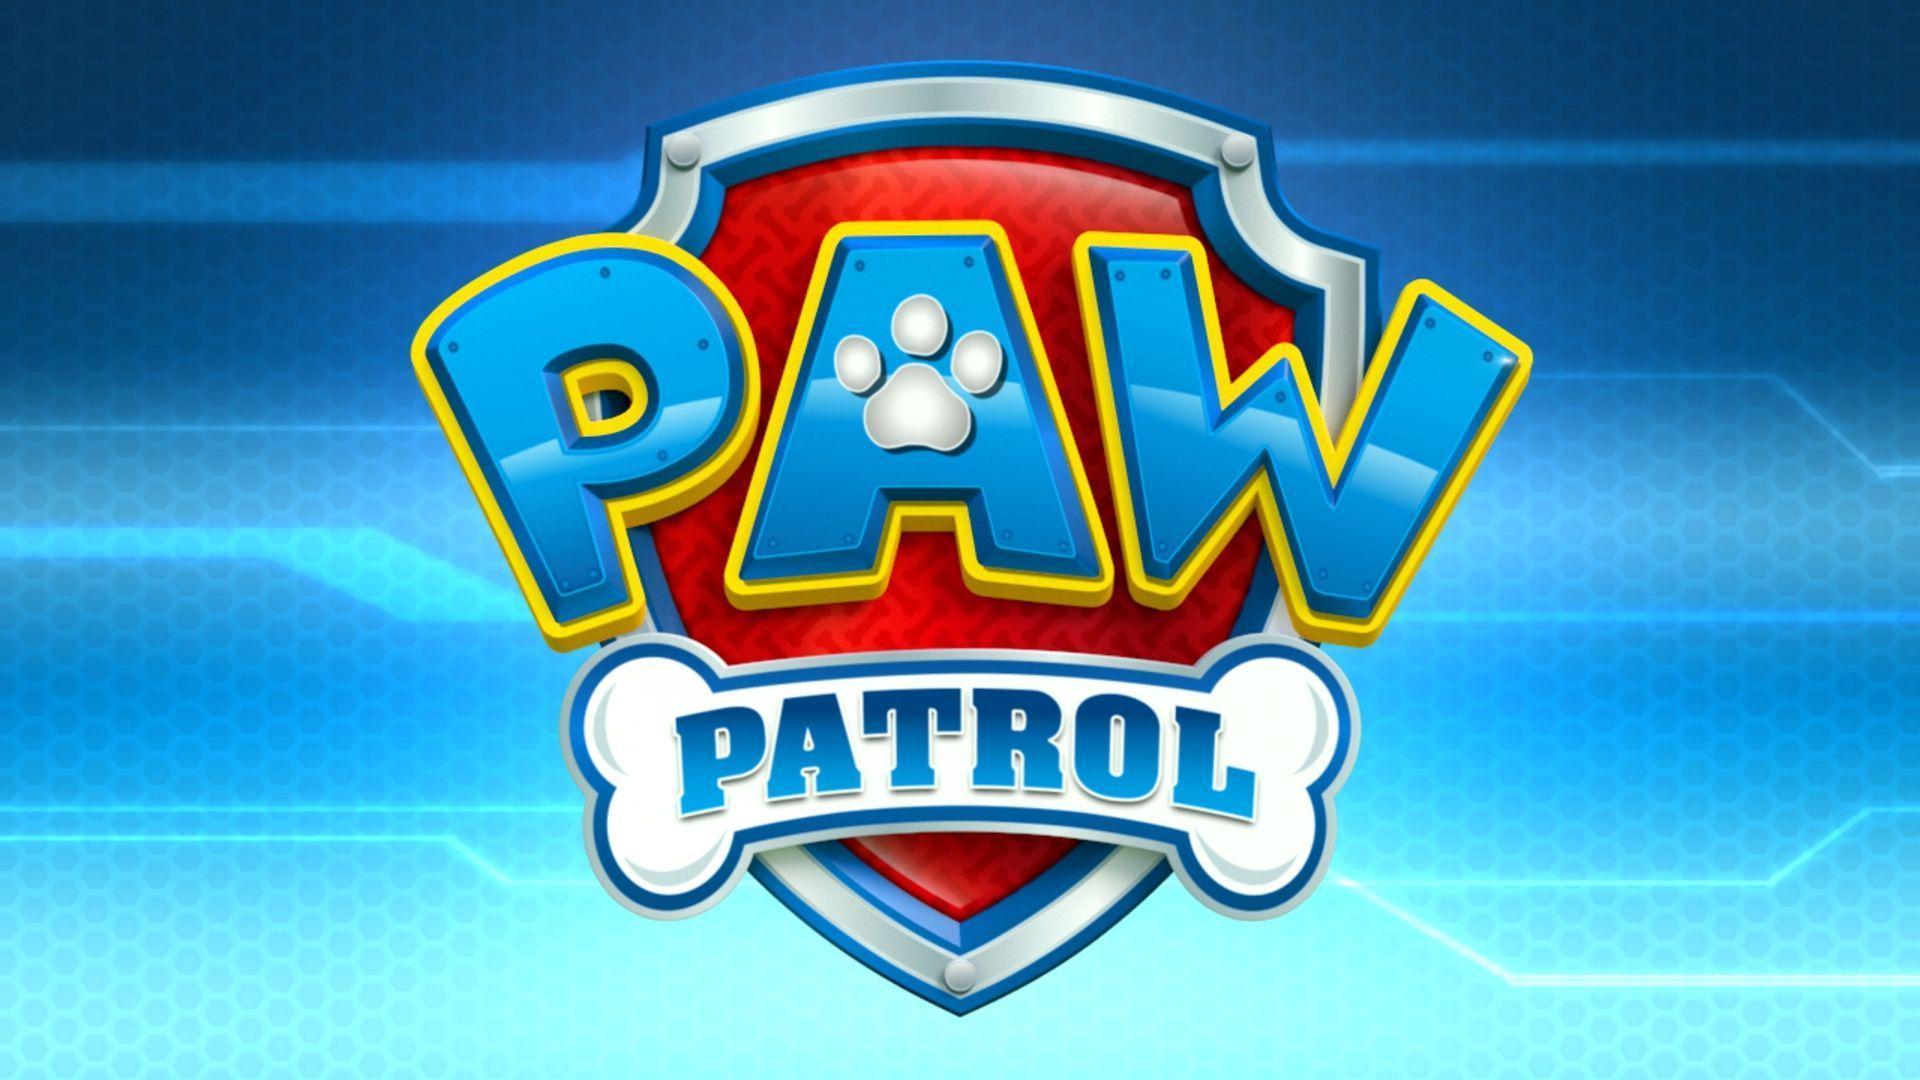 Paw Patrol Background 8